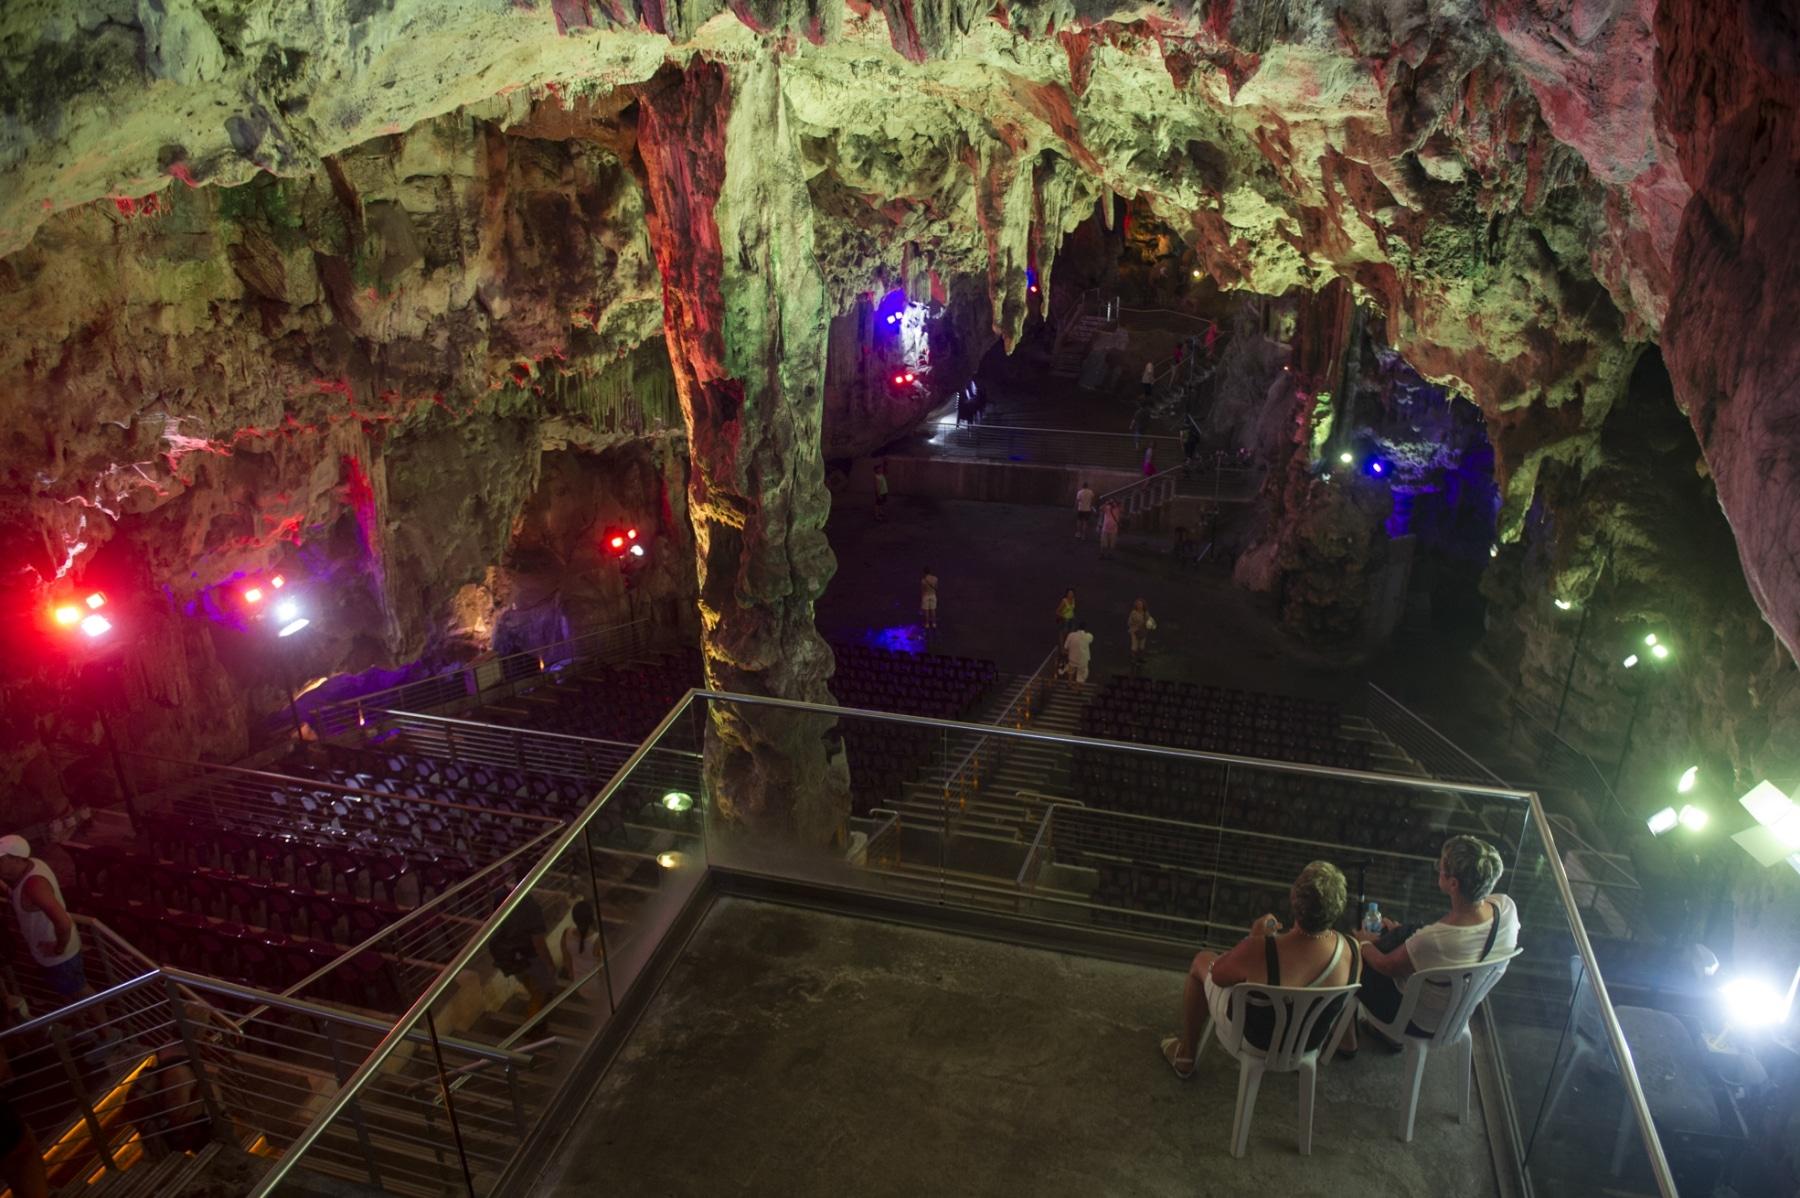 cueva-de-st-michael-gibraltar_22557751520_o